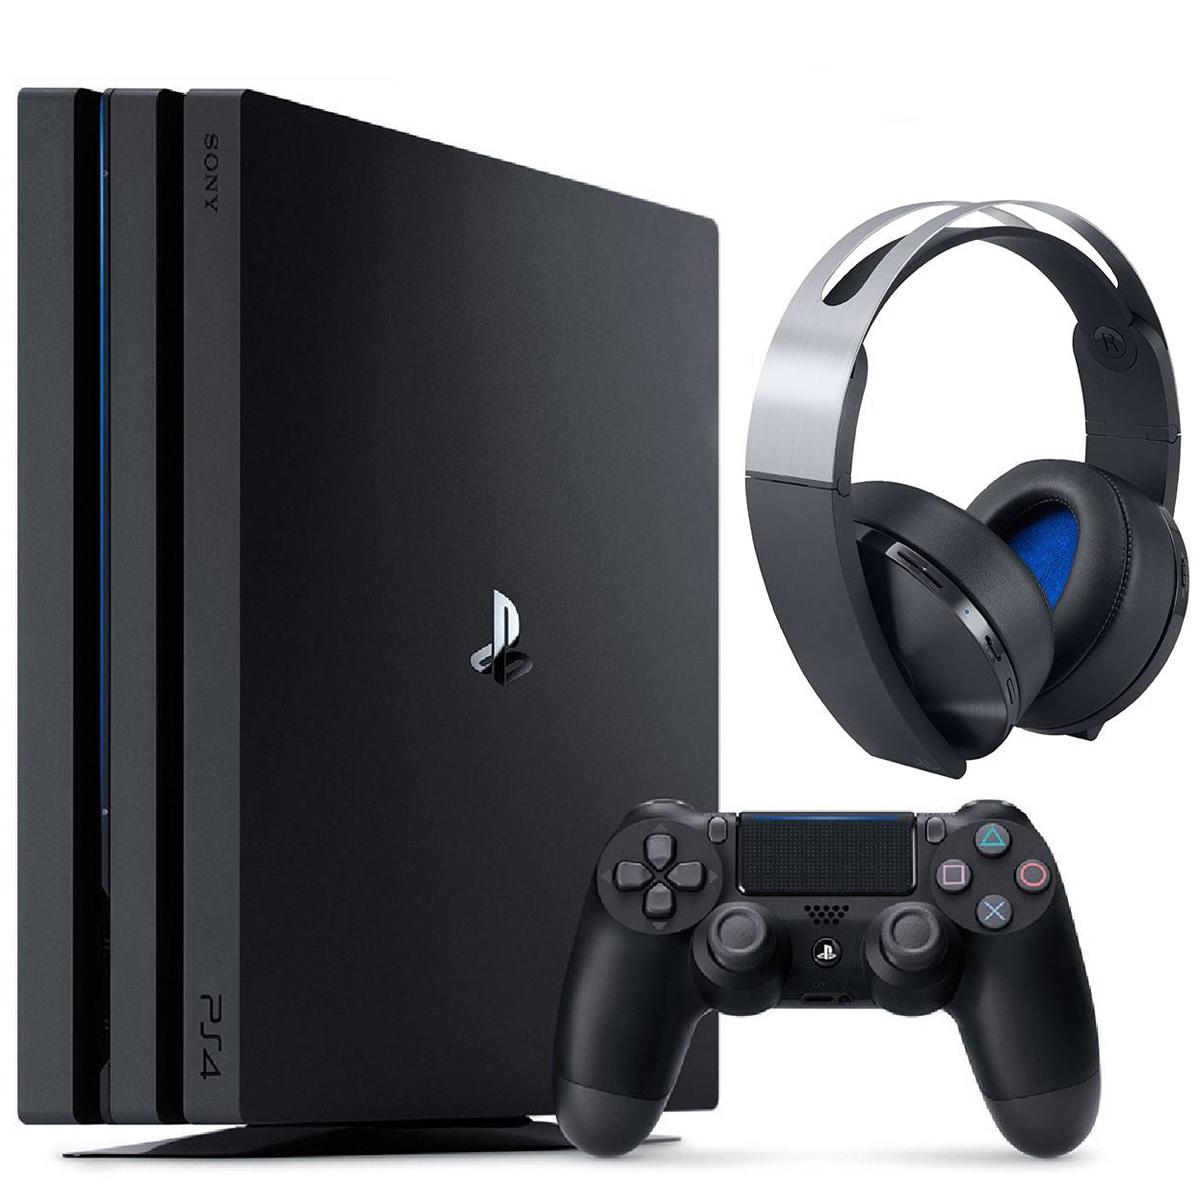 خرید                     مجموعه کنسول بازی سونی مدل Playstation 4 Pro 2018 ریجن 2 کد CUH -7216B ظرفیت 1 ترابایت